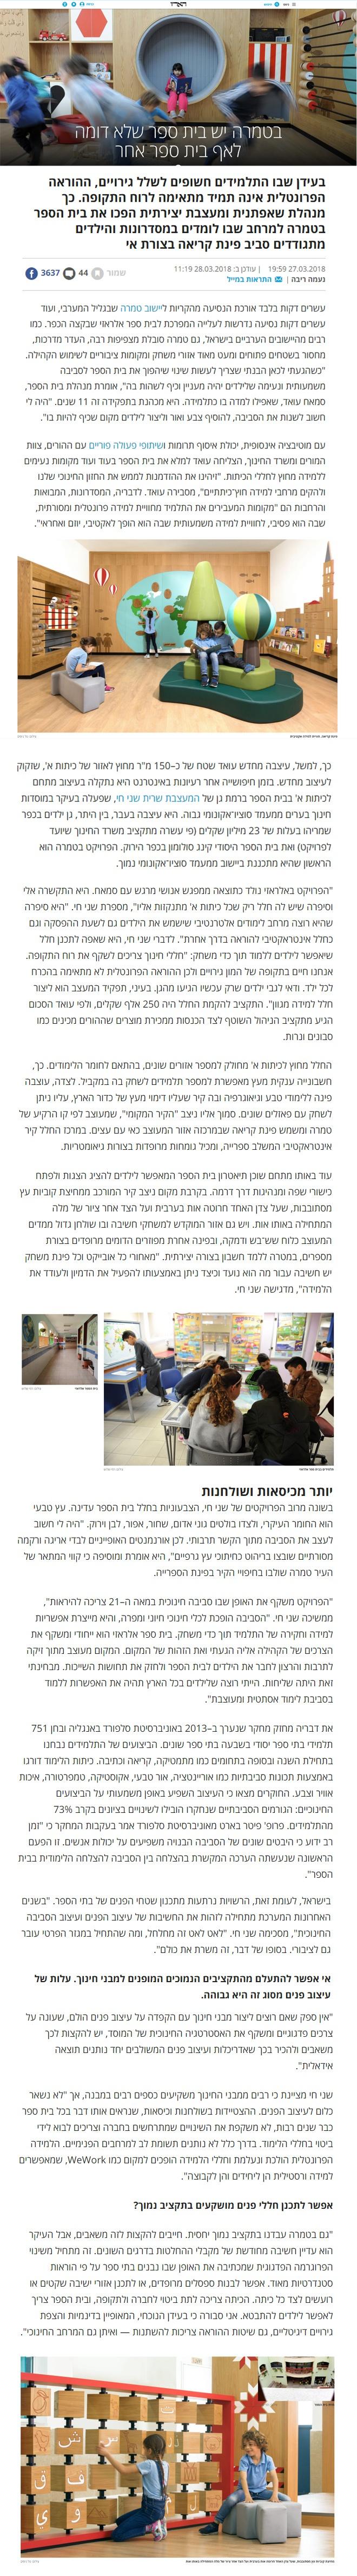 Haaretz, Gallery